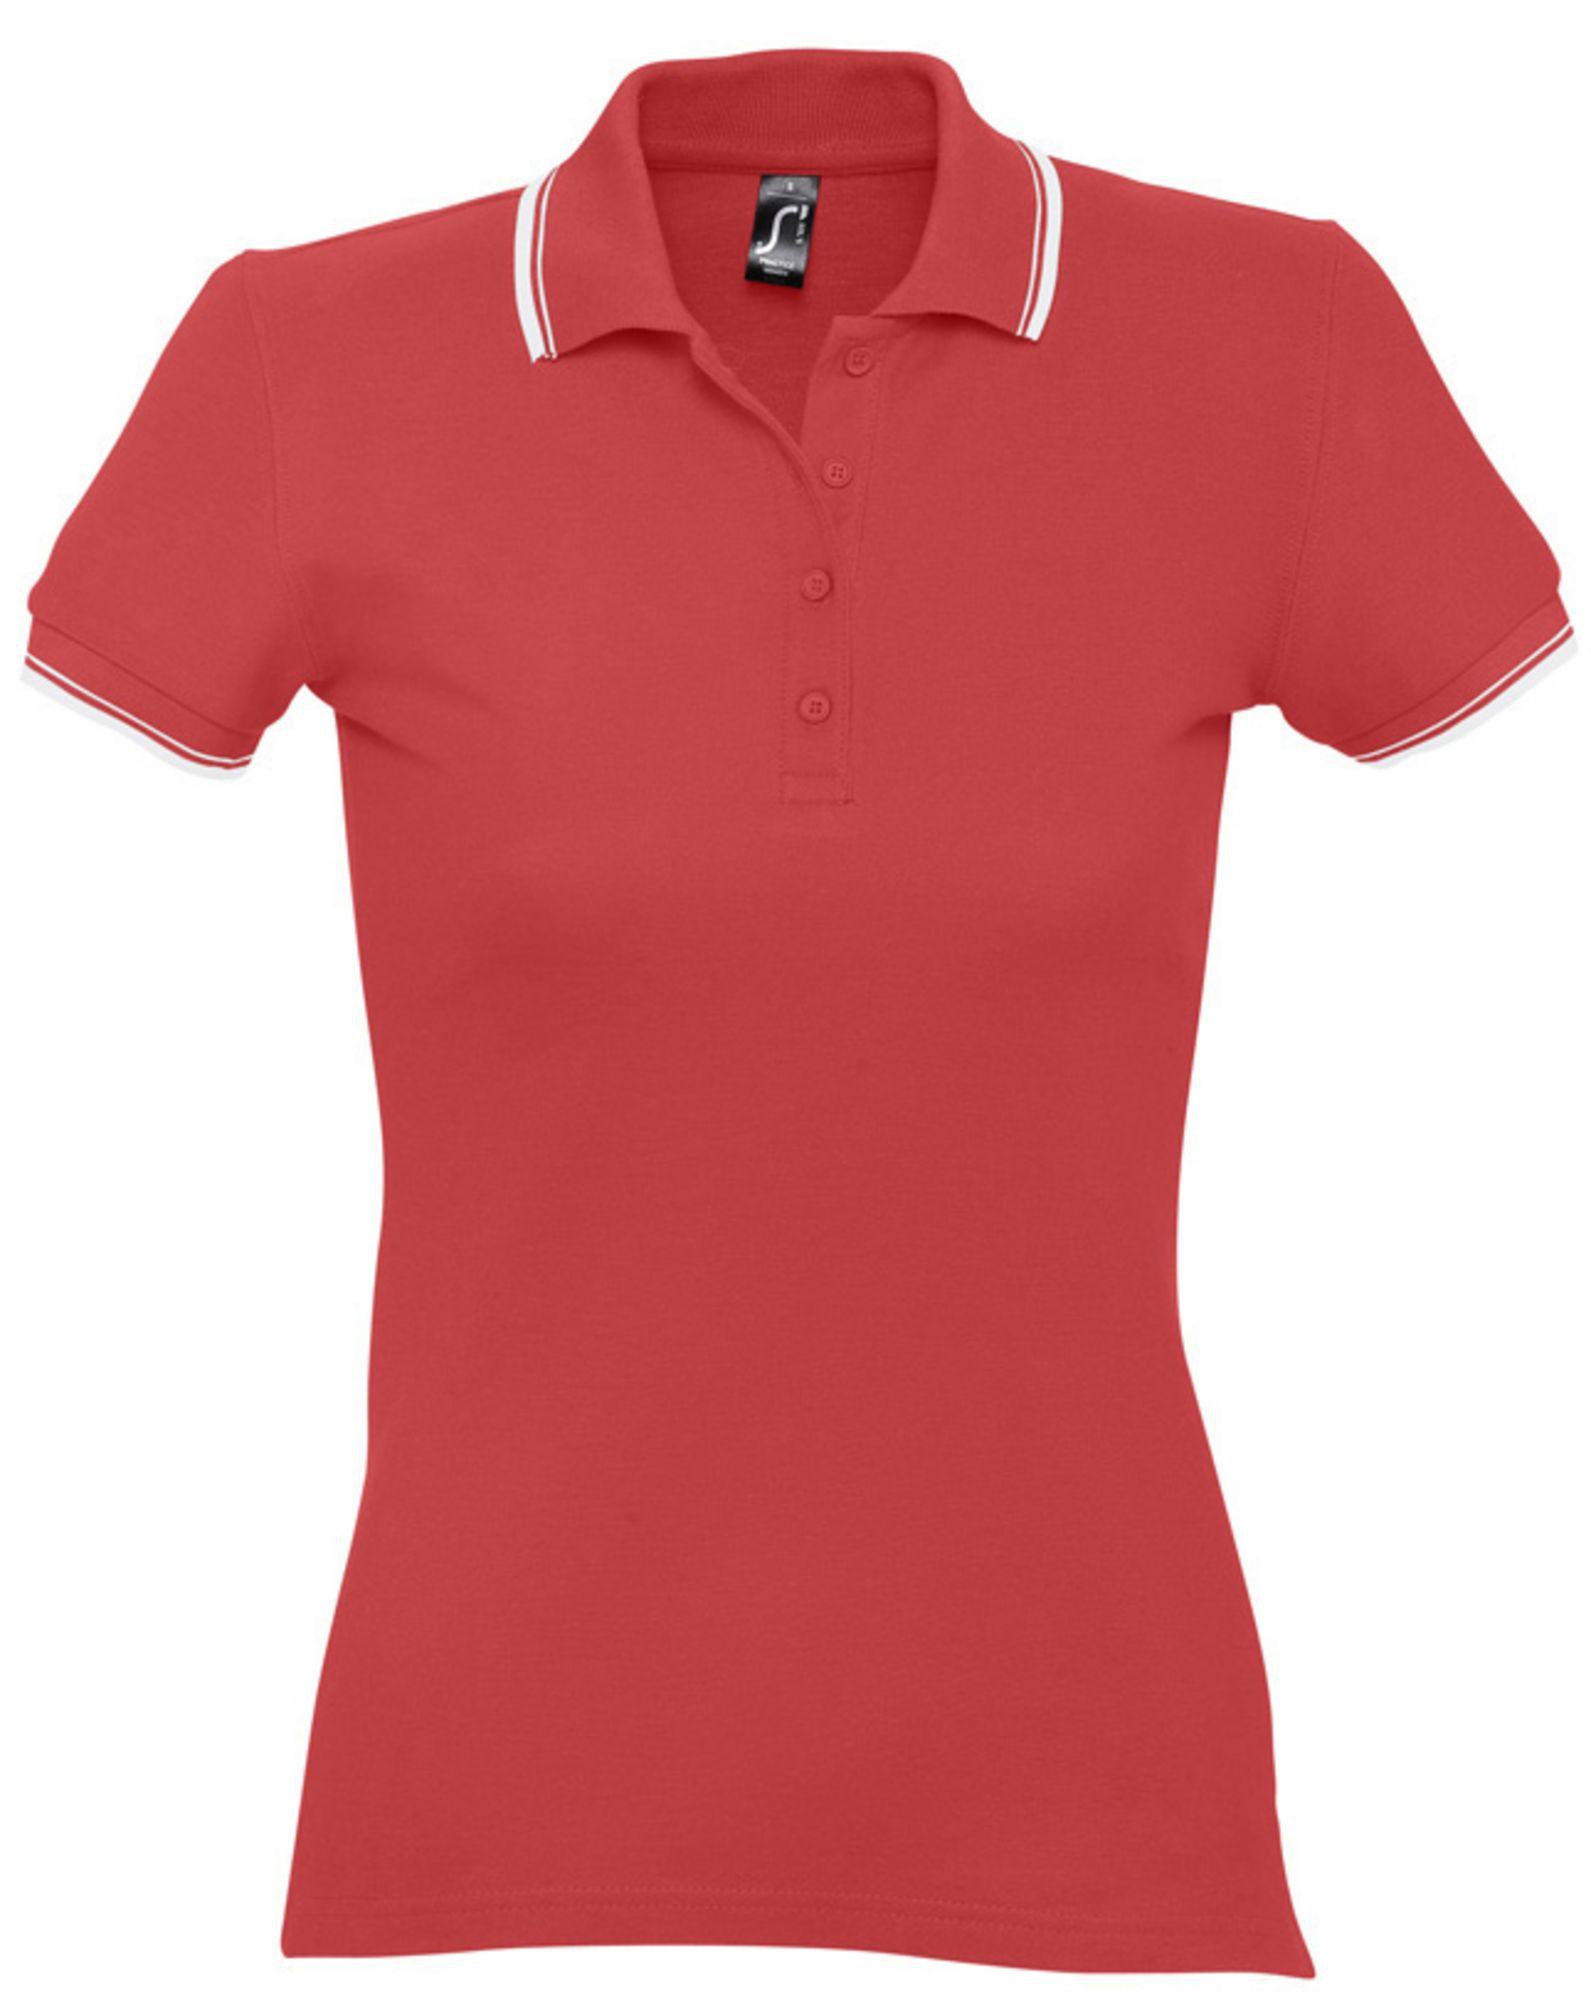 Рубашка поло женская Practice Women 270, красная с белым